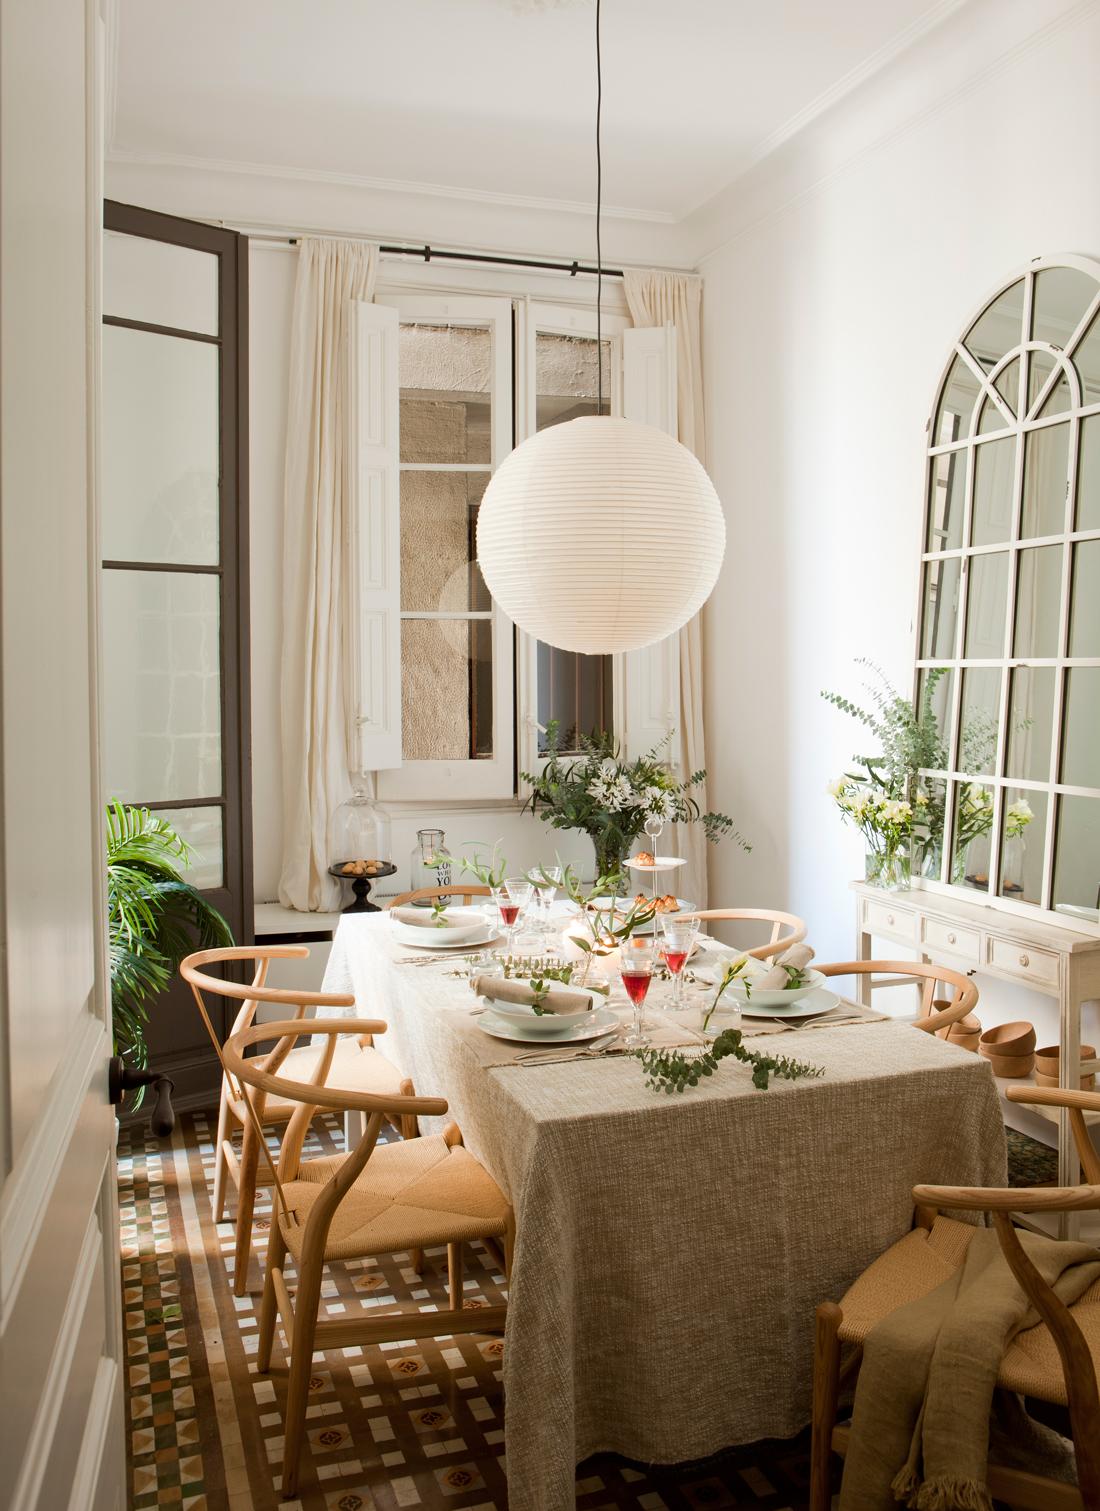 Muebles de cocina elmueble for Cocina con muebles antiguos